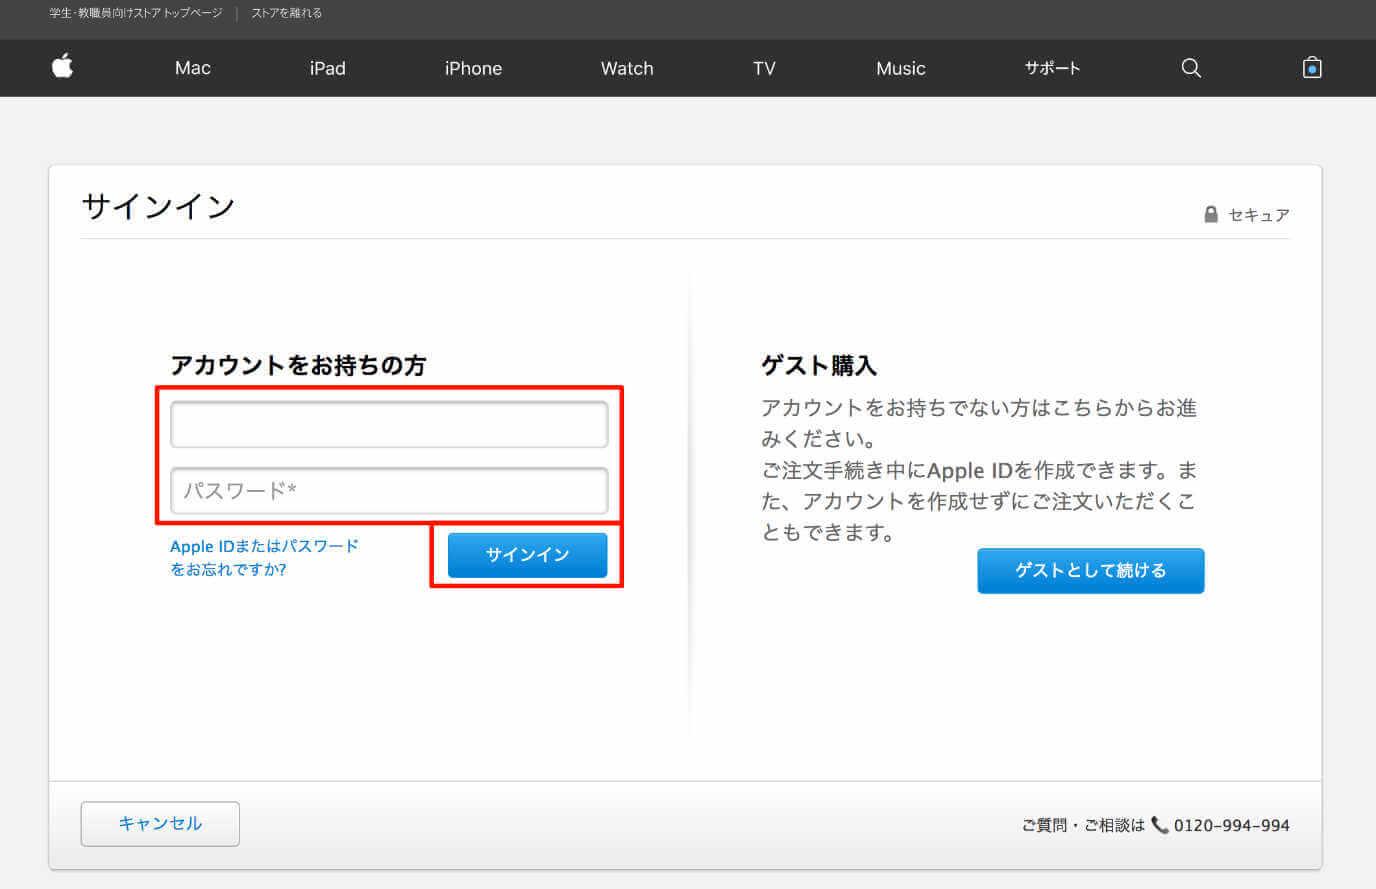 5.Apple IDとパスワードを入力し「サインイン」をクリックします